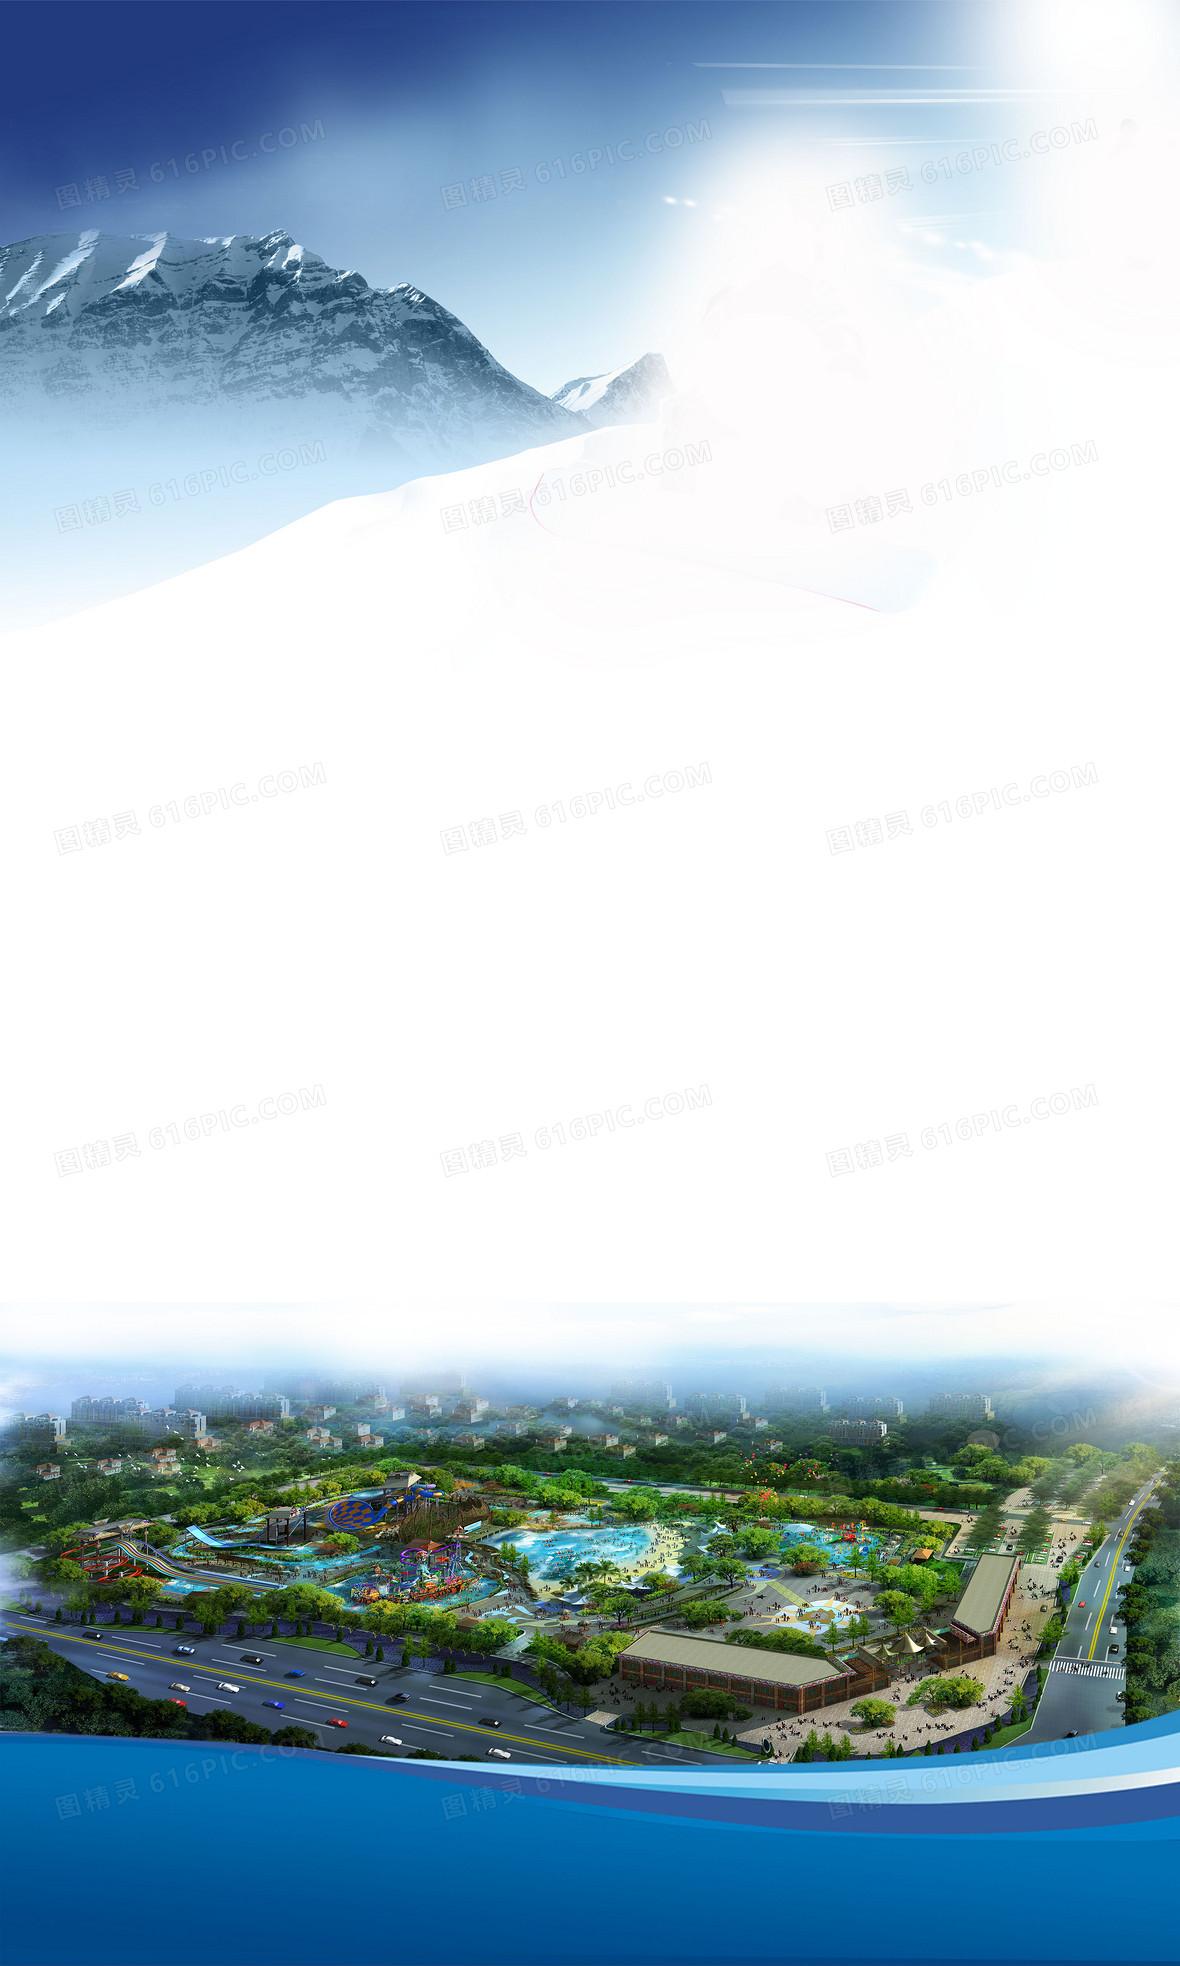 公司简介企业文化海报易拉宝背景素材